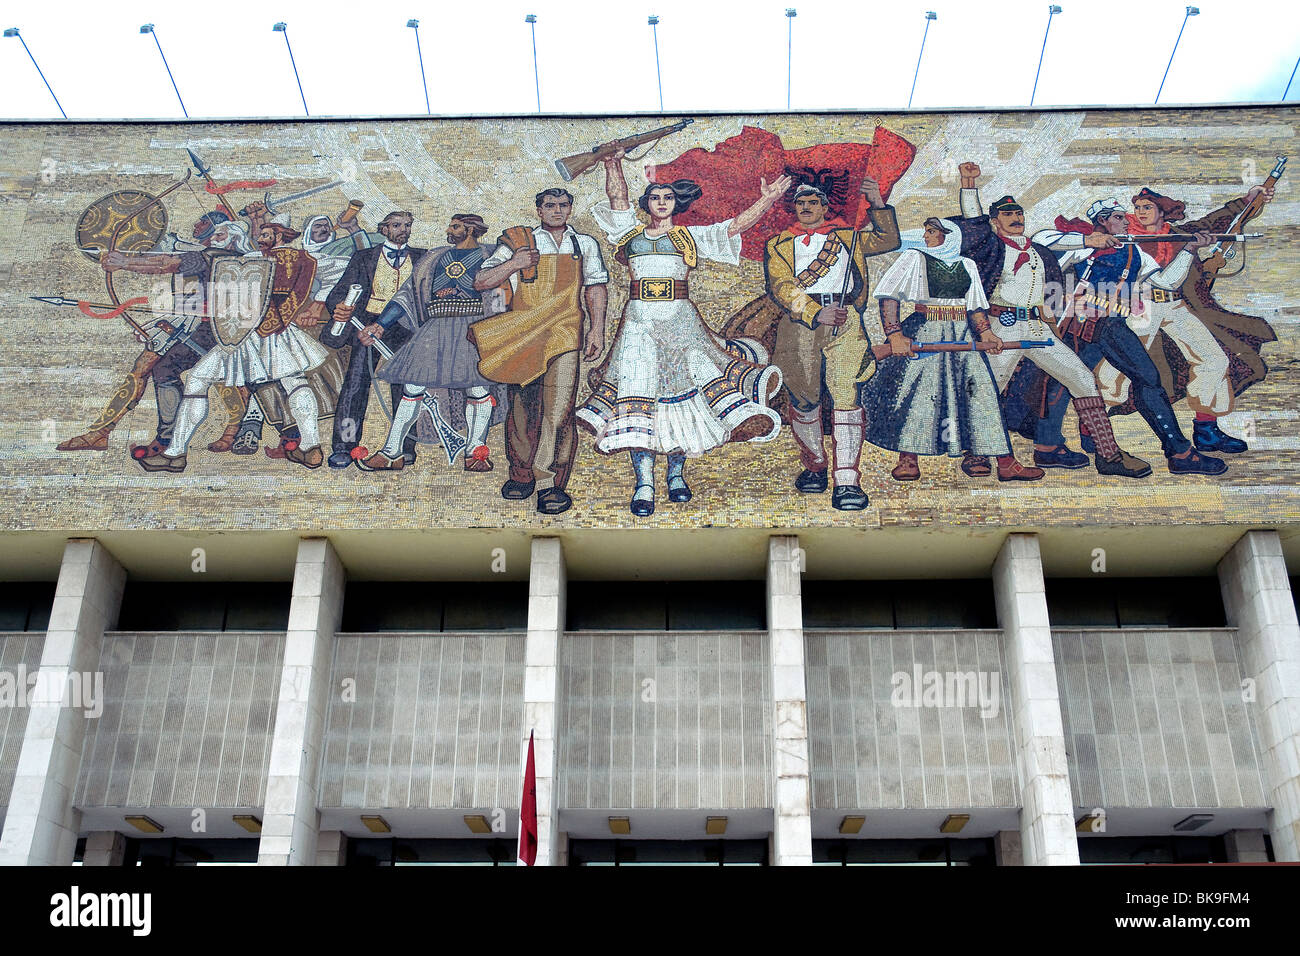 Socialista-stile realista scudo di mosaico di Albania il Museo Storico Nazionale in Piazza Skanderbeg Tirana Immagini Stock